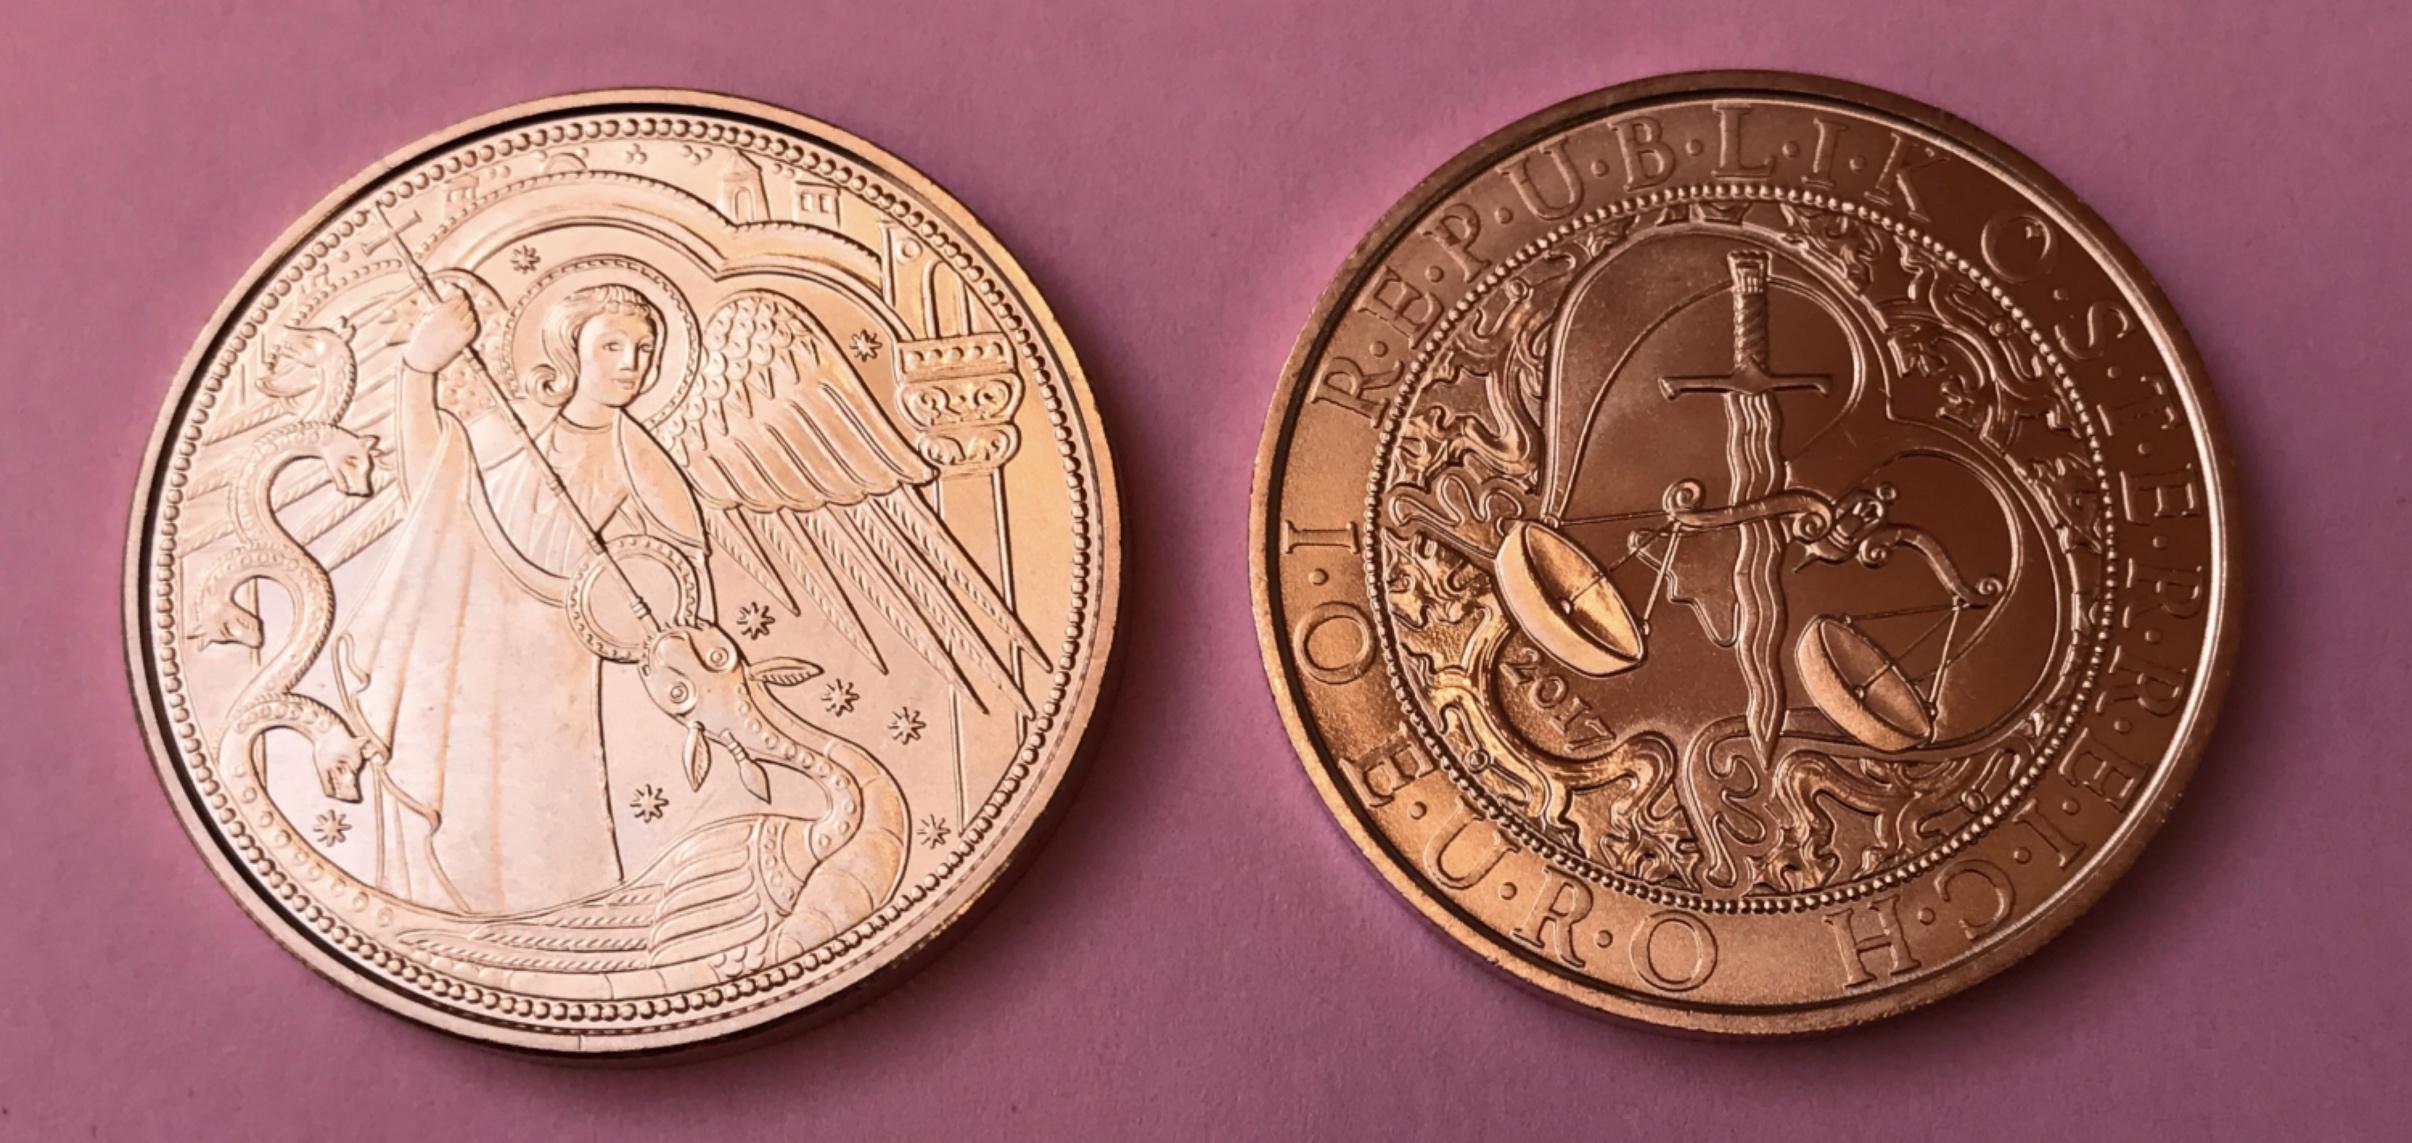 10 Euro Kupfer Oesterreich 2017 Schutzengel Michael Muenzhandel